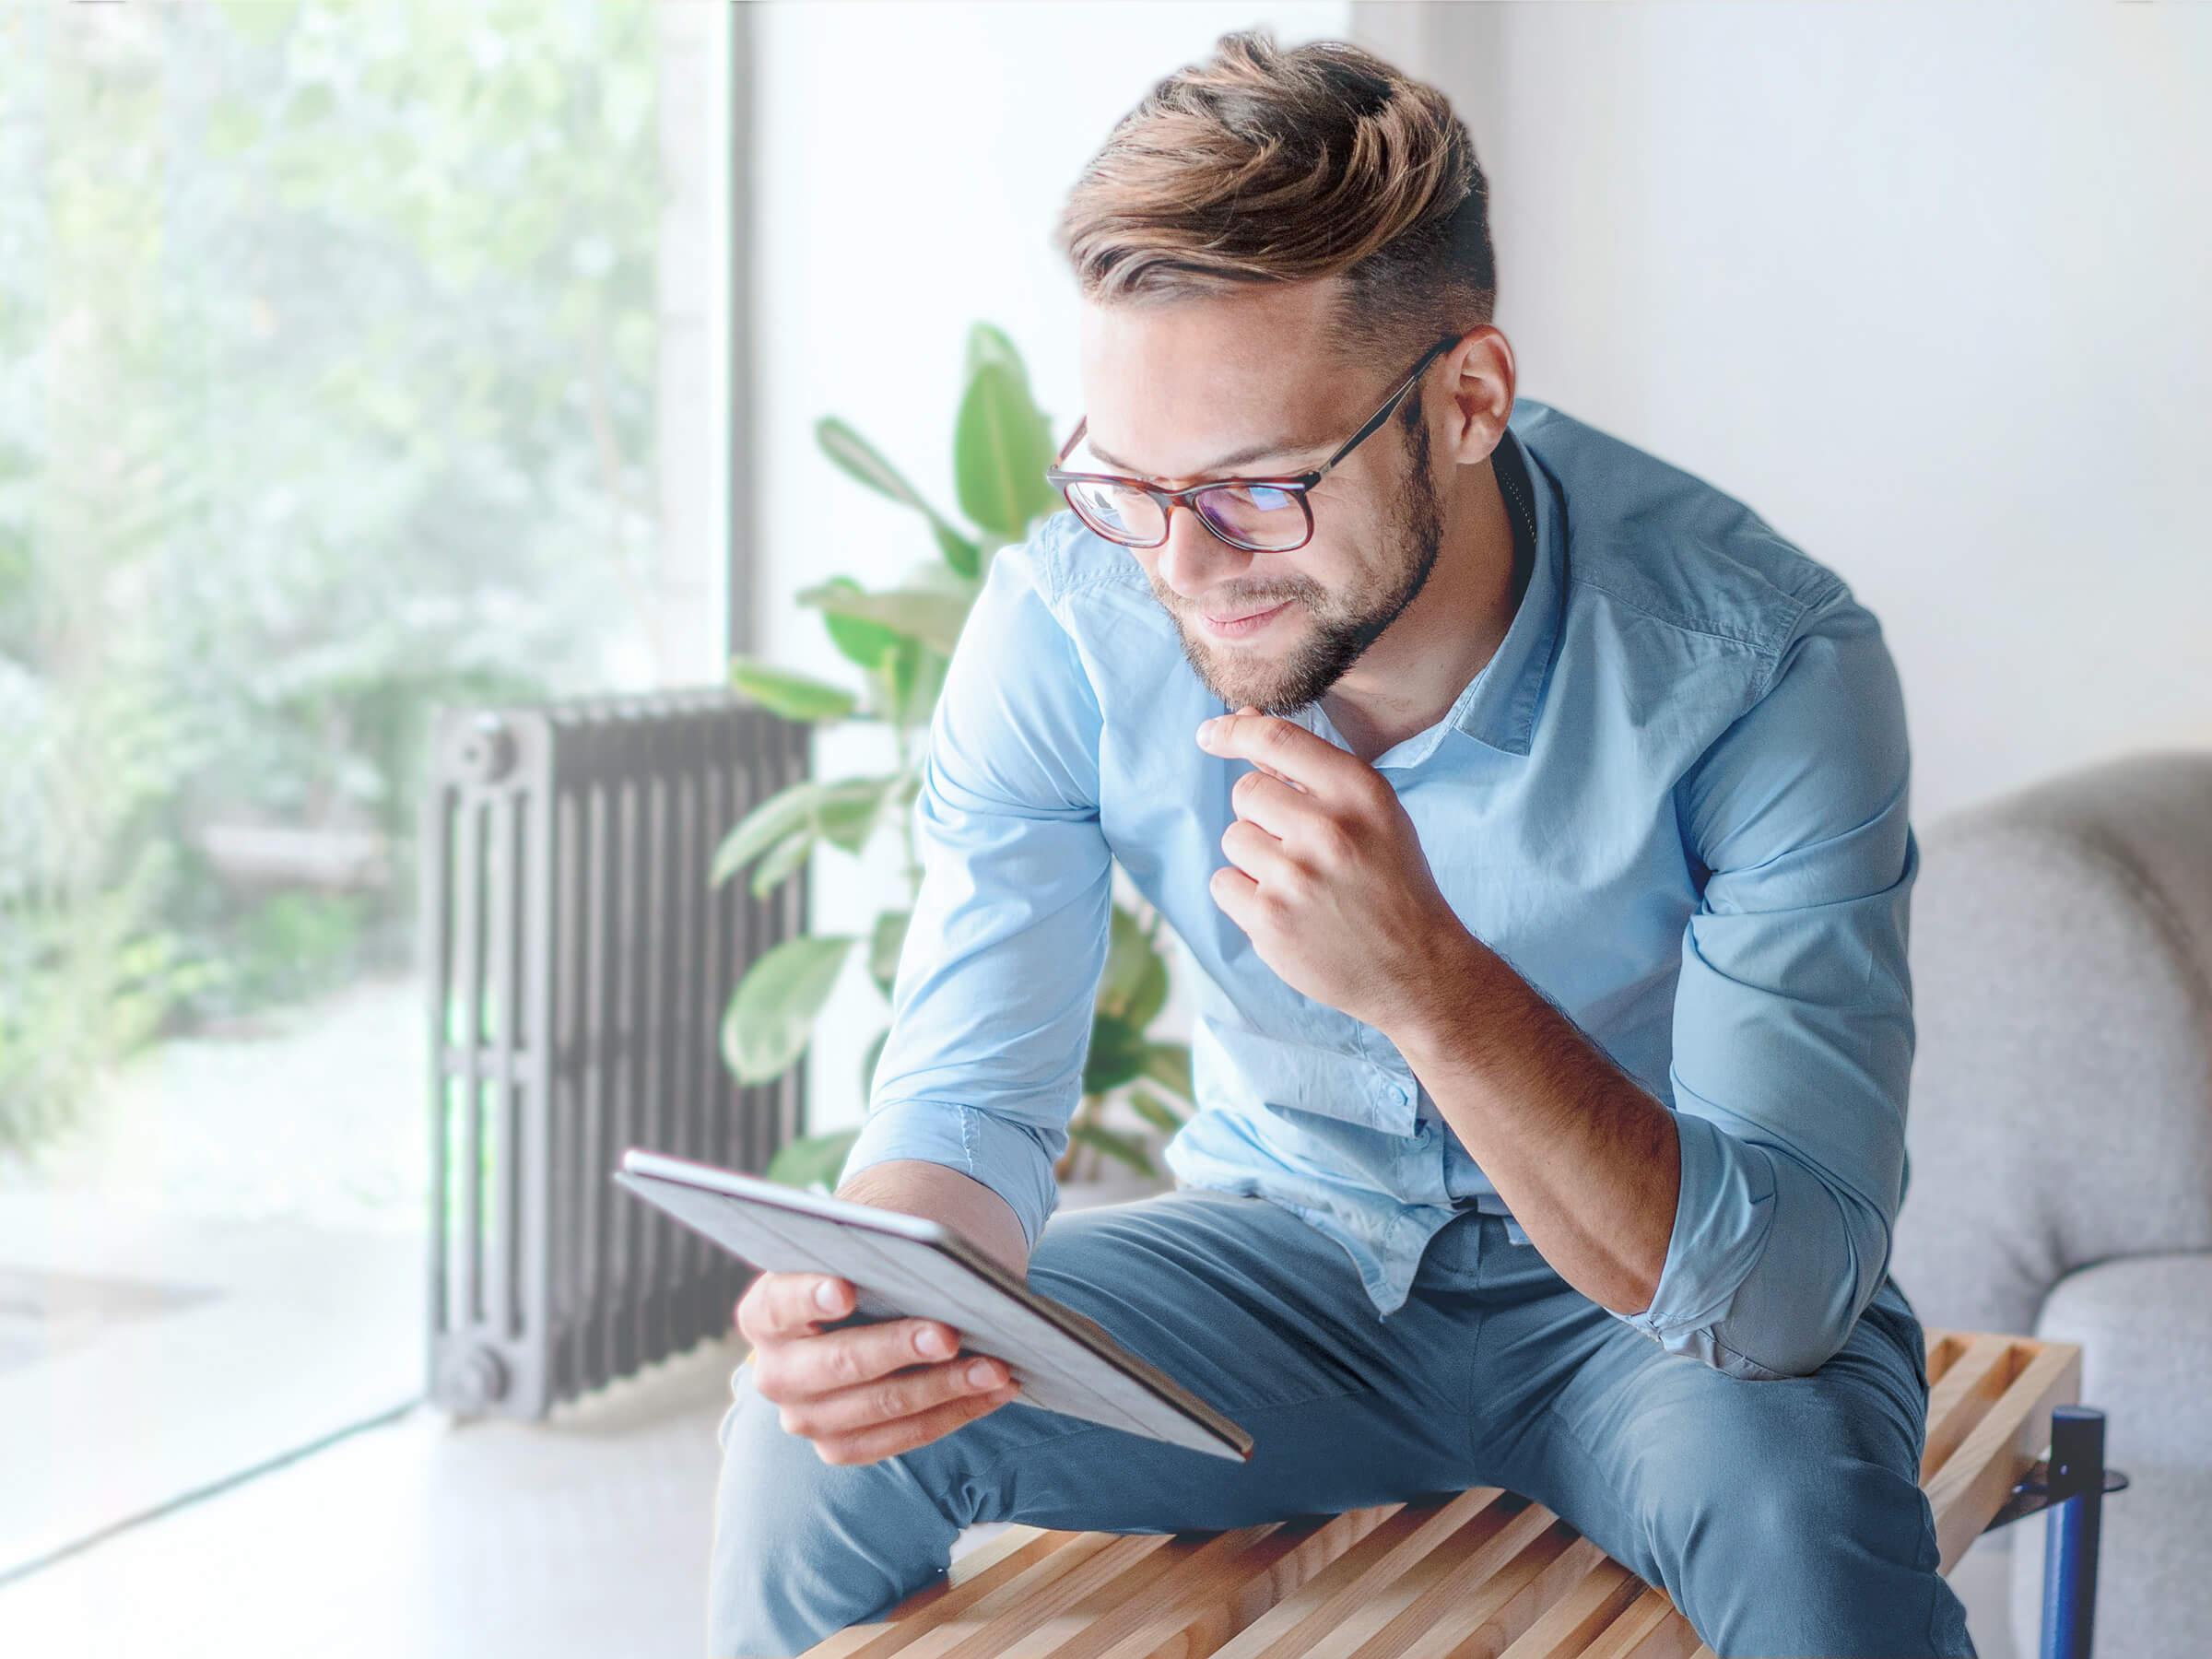 Úspěšný investor obchodující akcie a ETF na tabletu